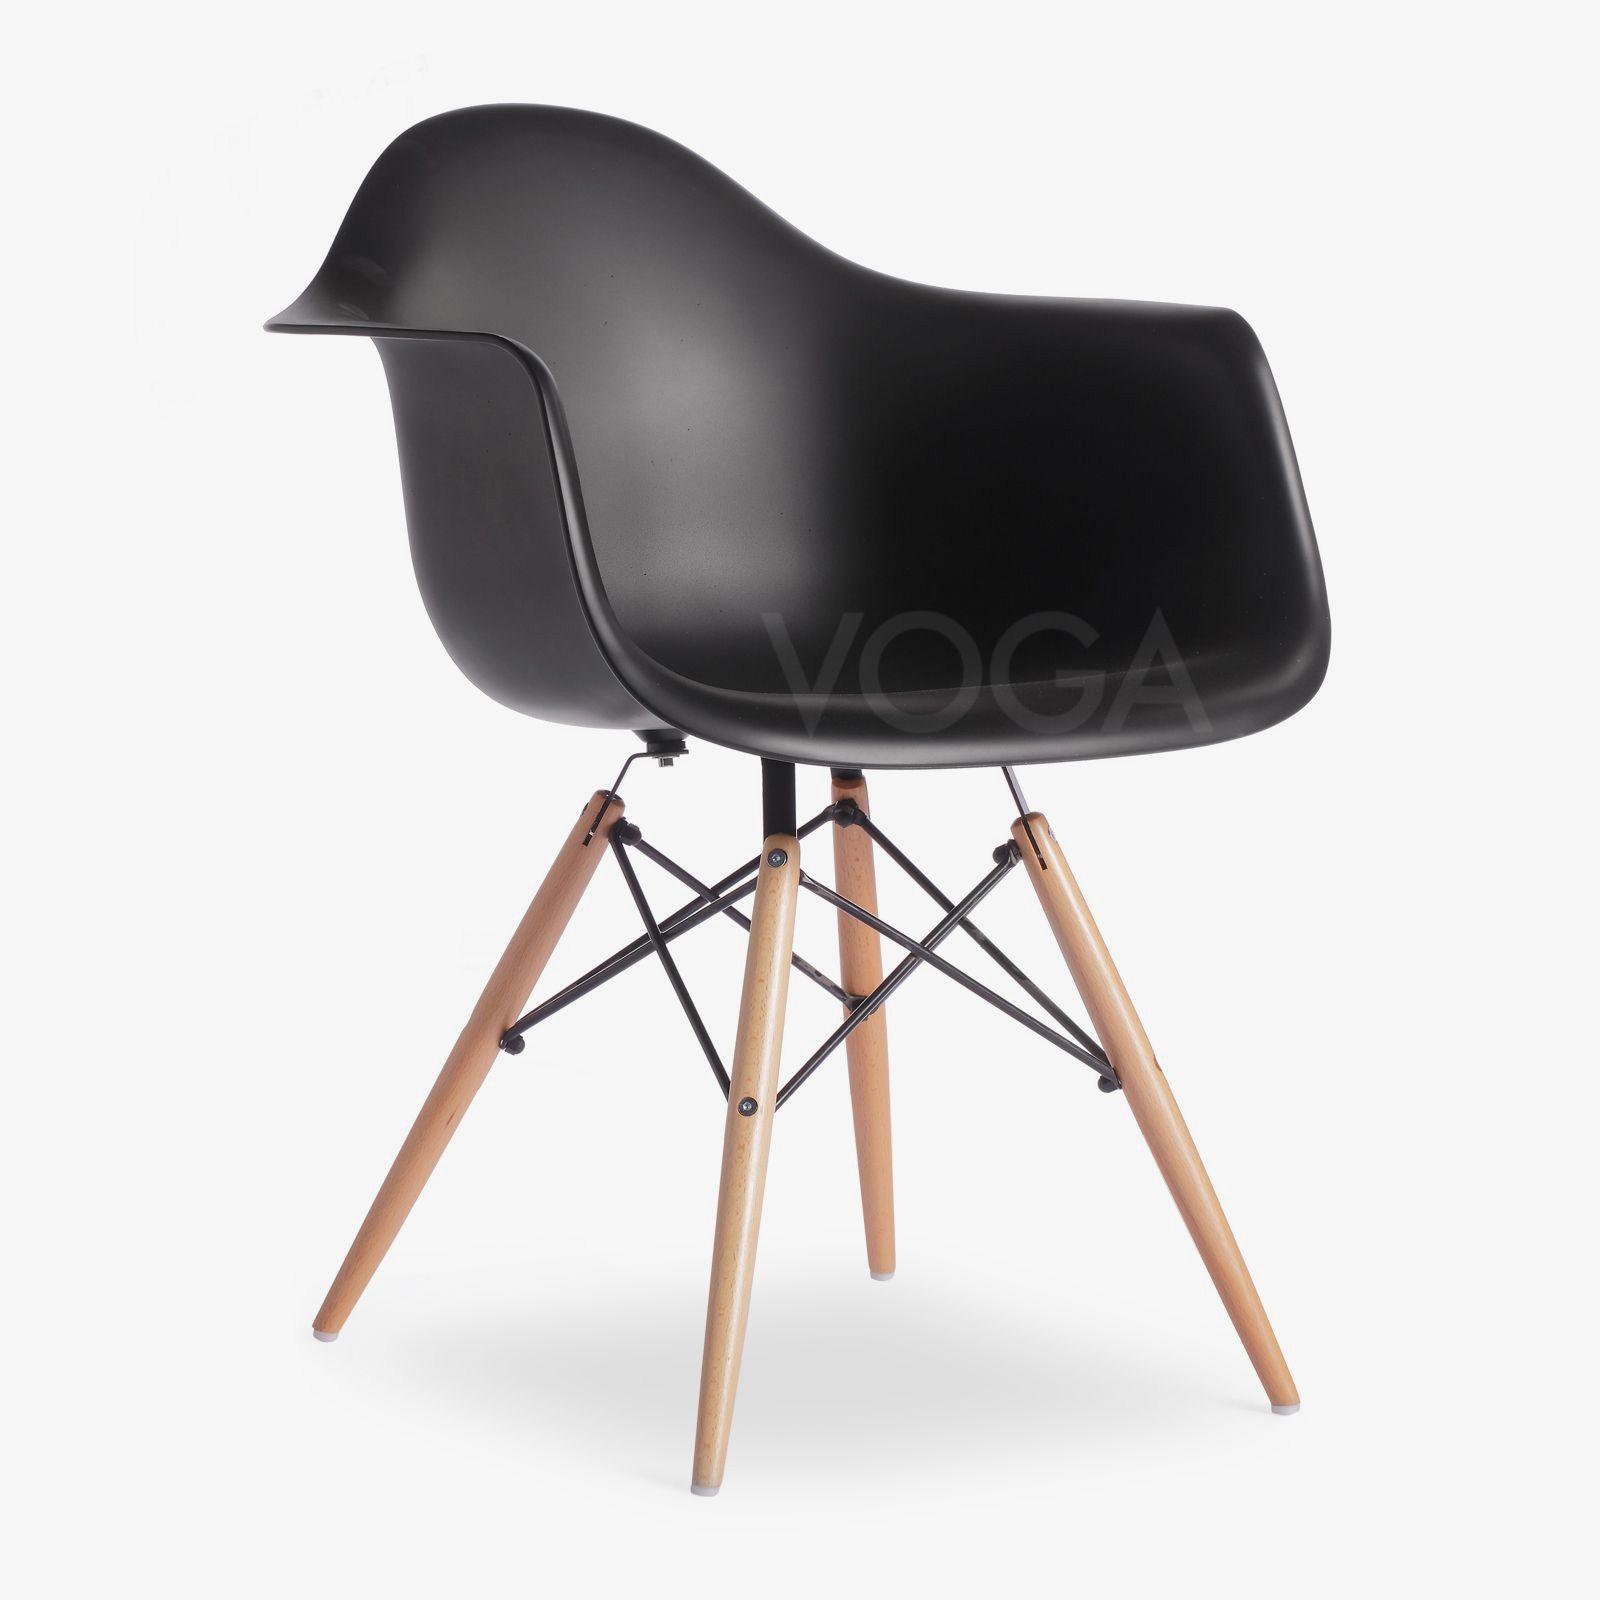 Daw stuhl chair eames designerst hle voga design for Design stuhl replik